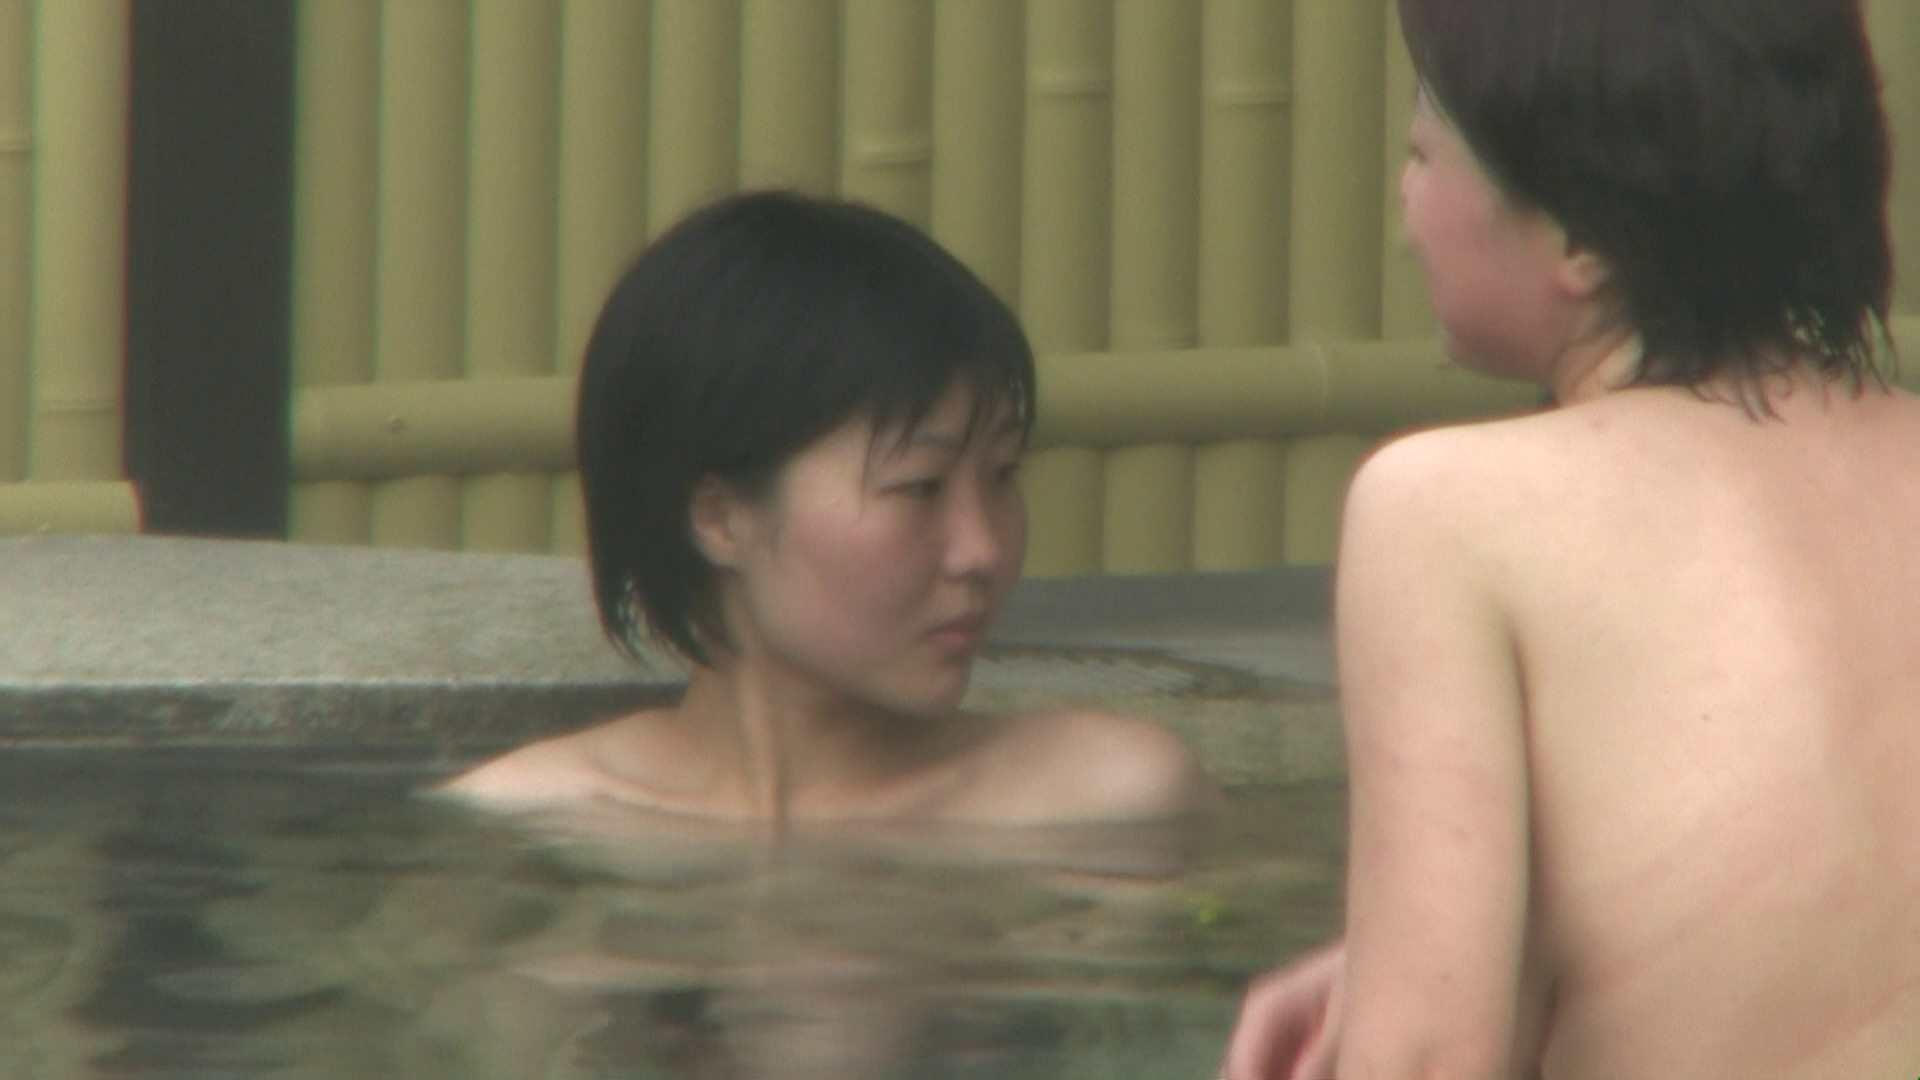 Aquaな露天風呂Vol.74【VIP限定】 盗撮  79枚 57